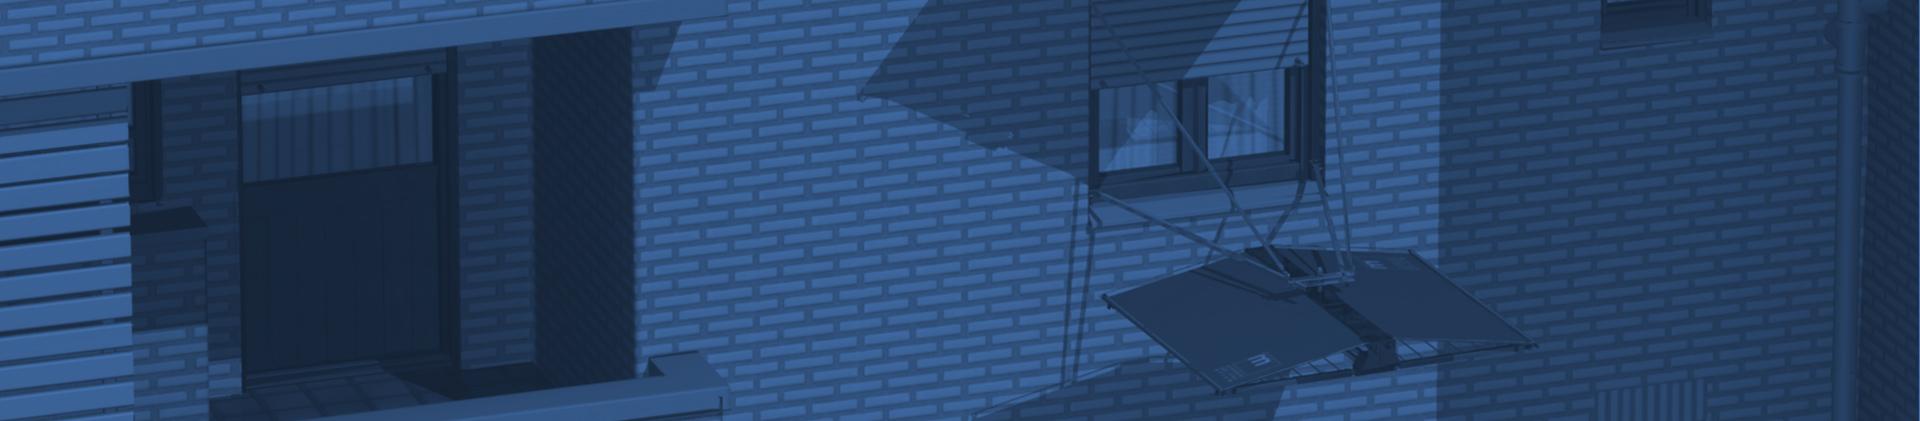 Tendedero de techo para interior en acero inoxidable - Tendederos Marta